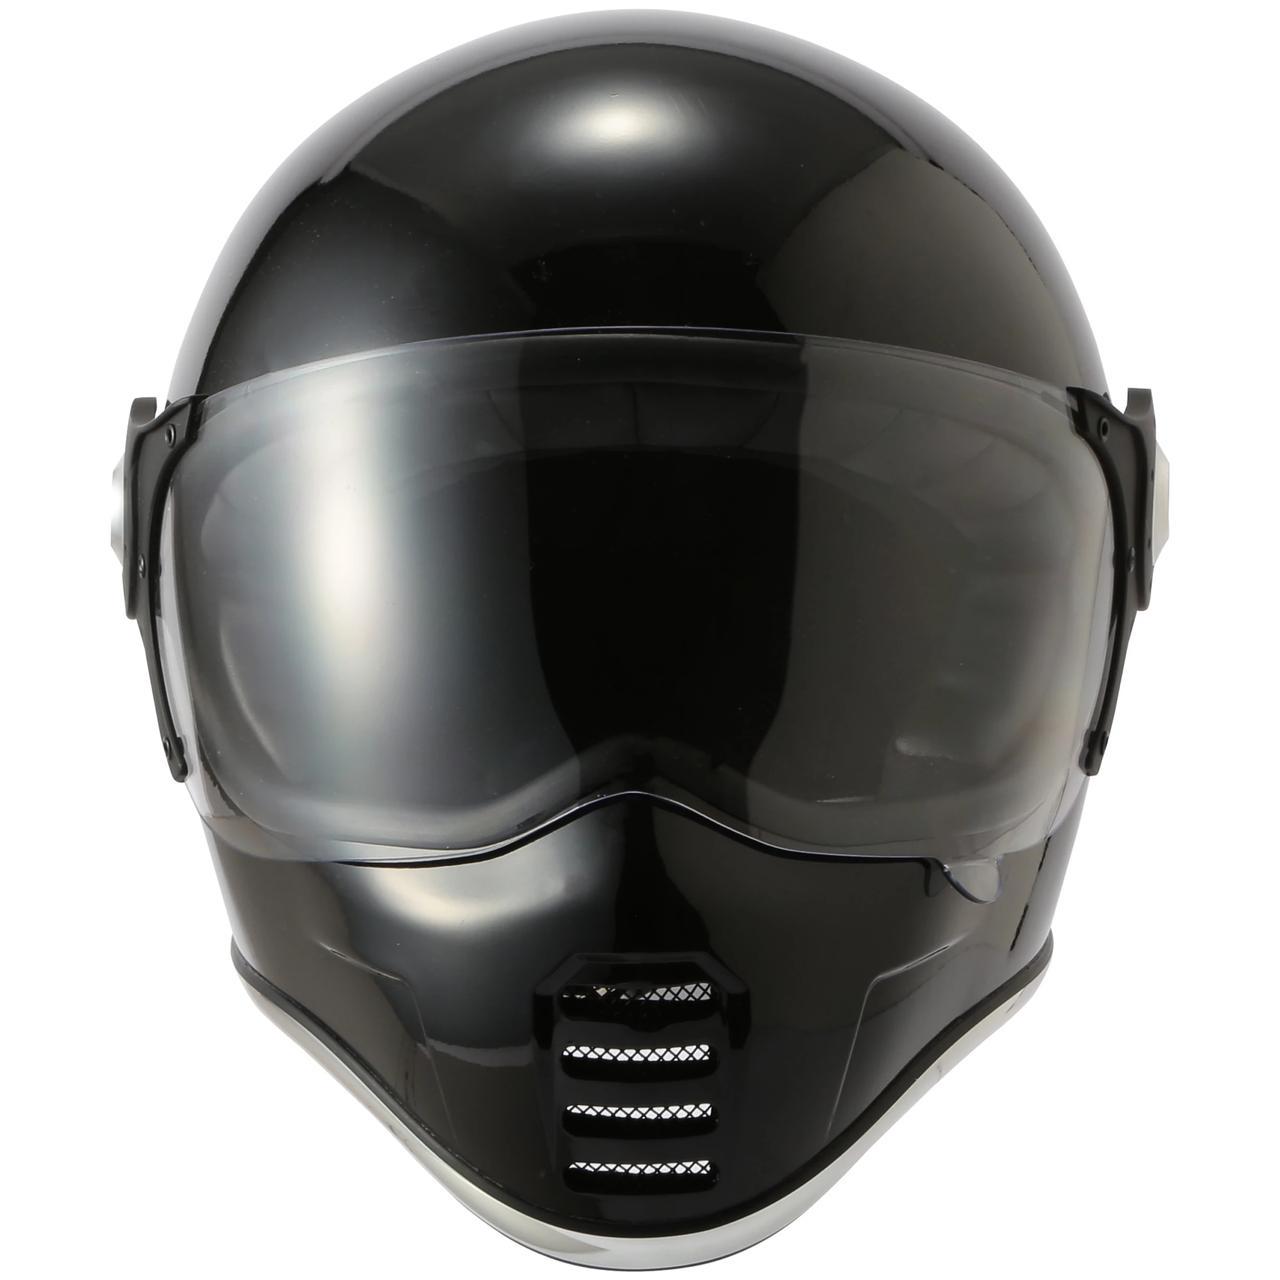 画像5: 【RIDEZ】ネオクラシックヘルメット「XX」(ダブルエックス)が発売開始! 価格も魅力的!